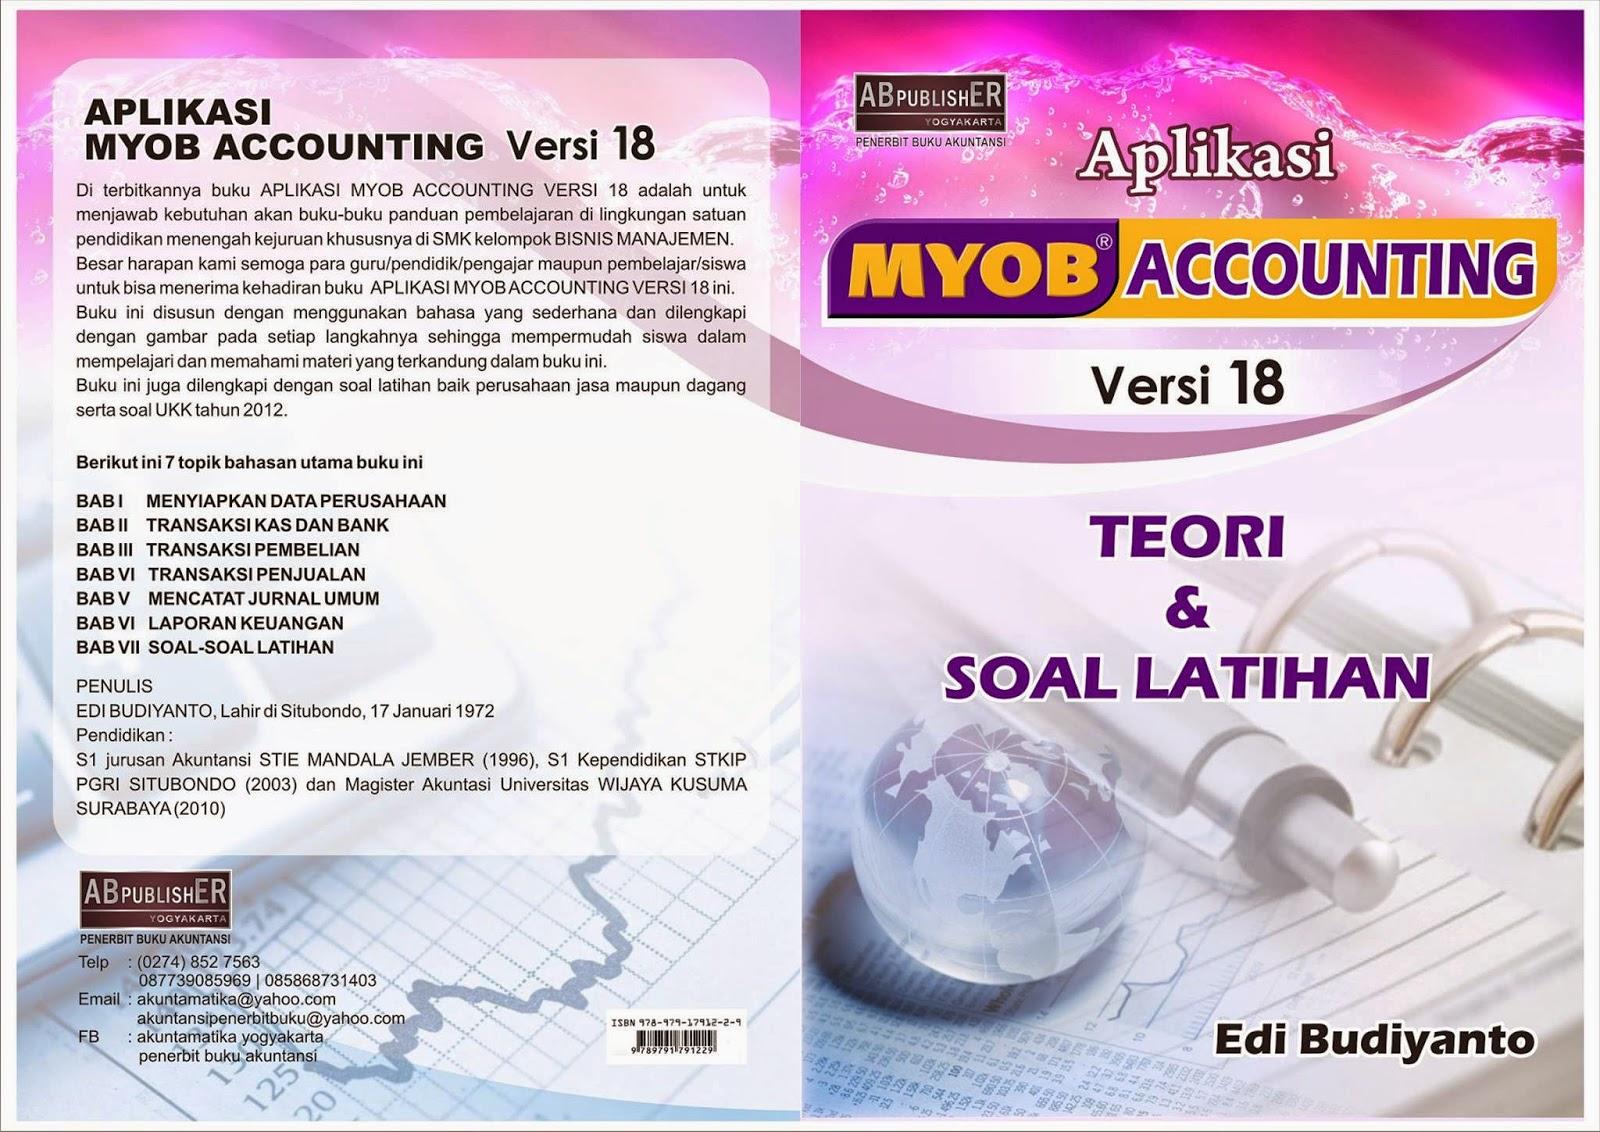 Buku Teori Dan Soal Latihan Aplikasi Myob Accounting Versi 18 Belajar Dan Nge Blog